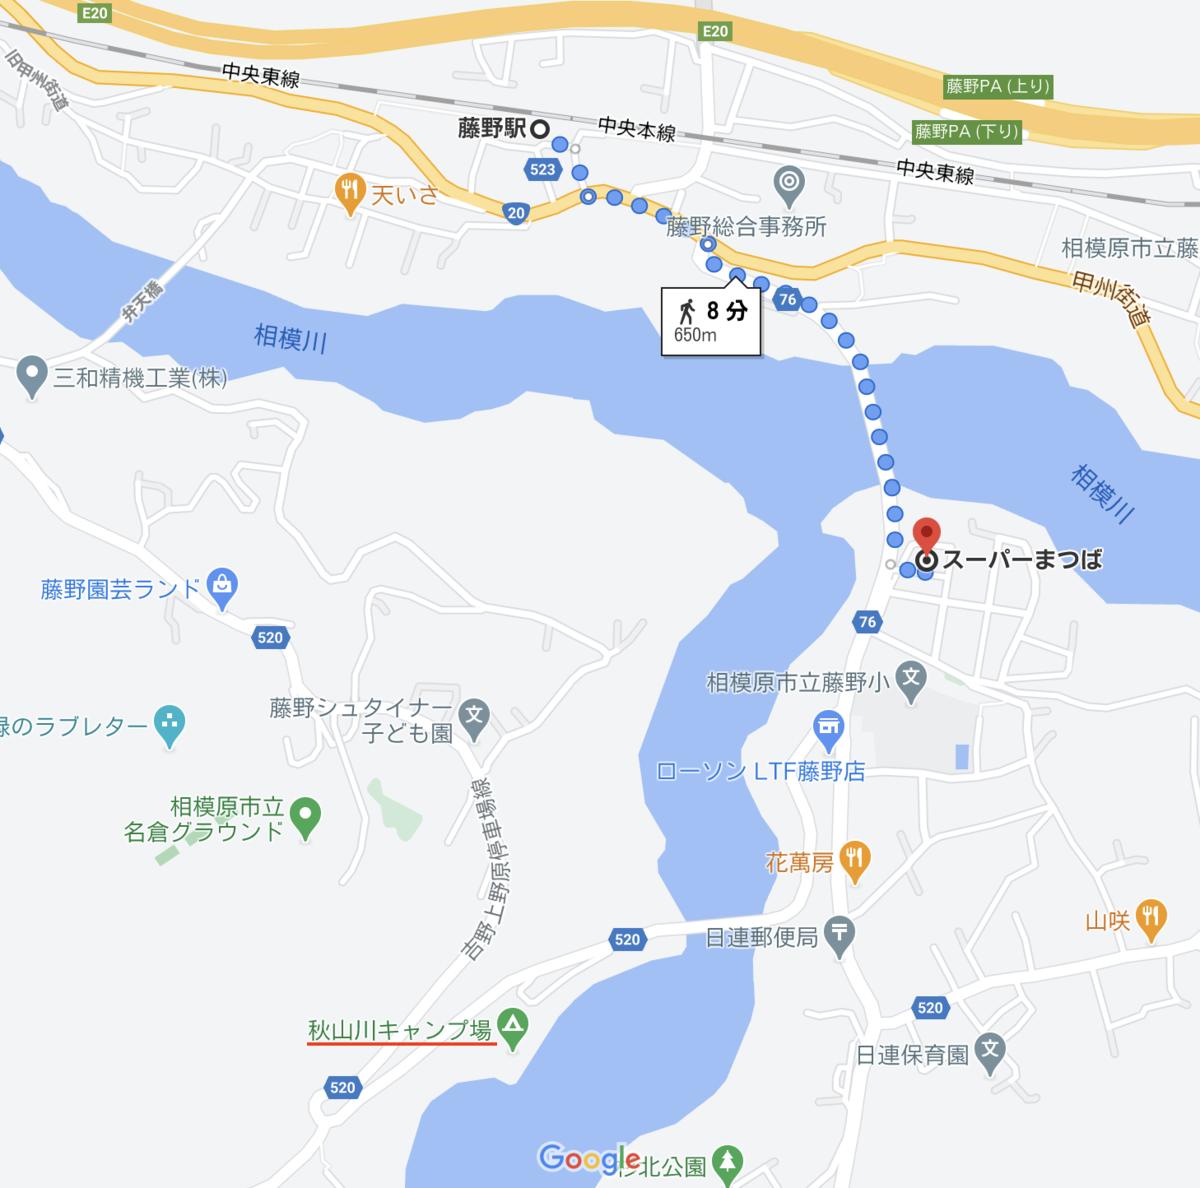 藤野駅からスーパーまつばまでの道順(徒歩